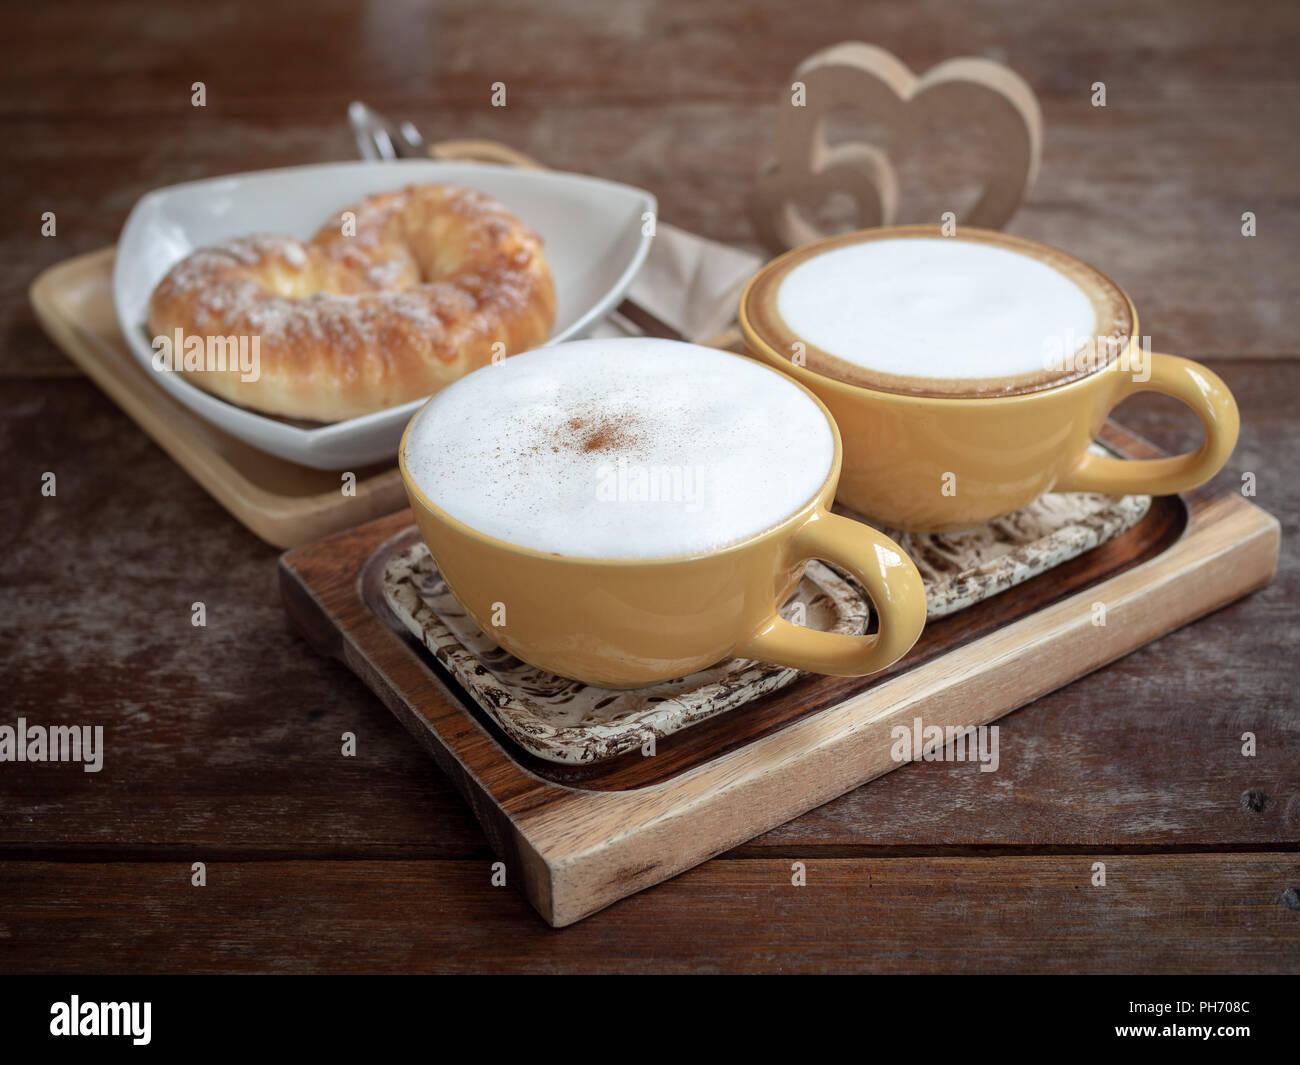 Zwei Tassen Heißen Kaffee Und Süßes Brot Auf Weiße Platte